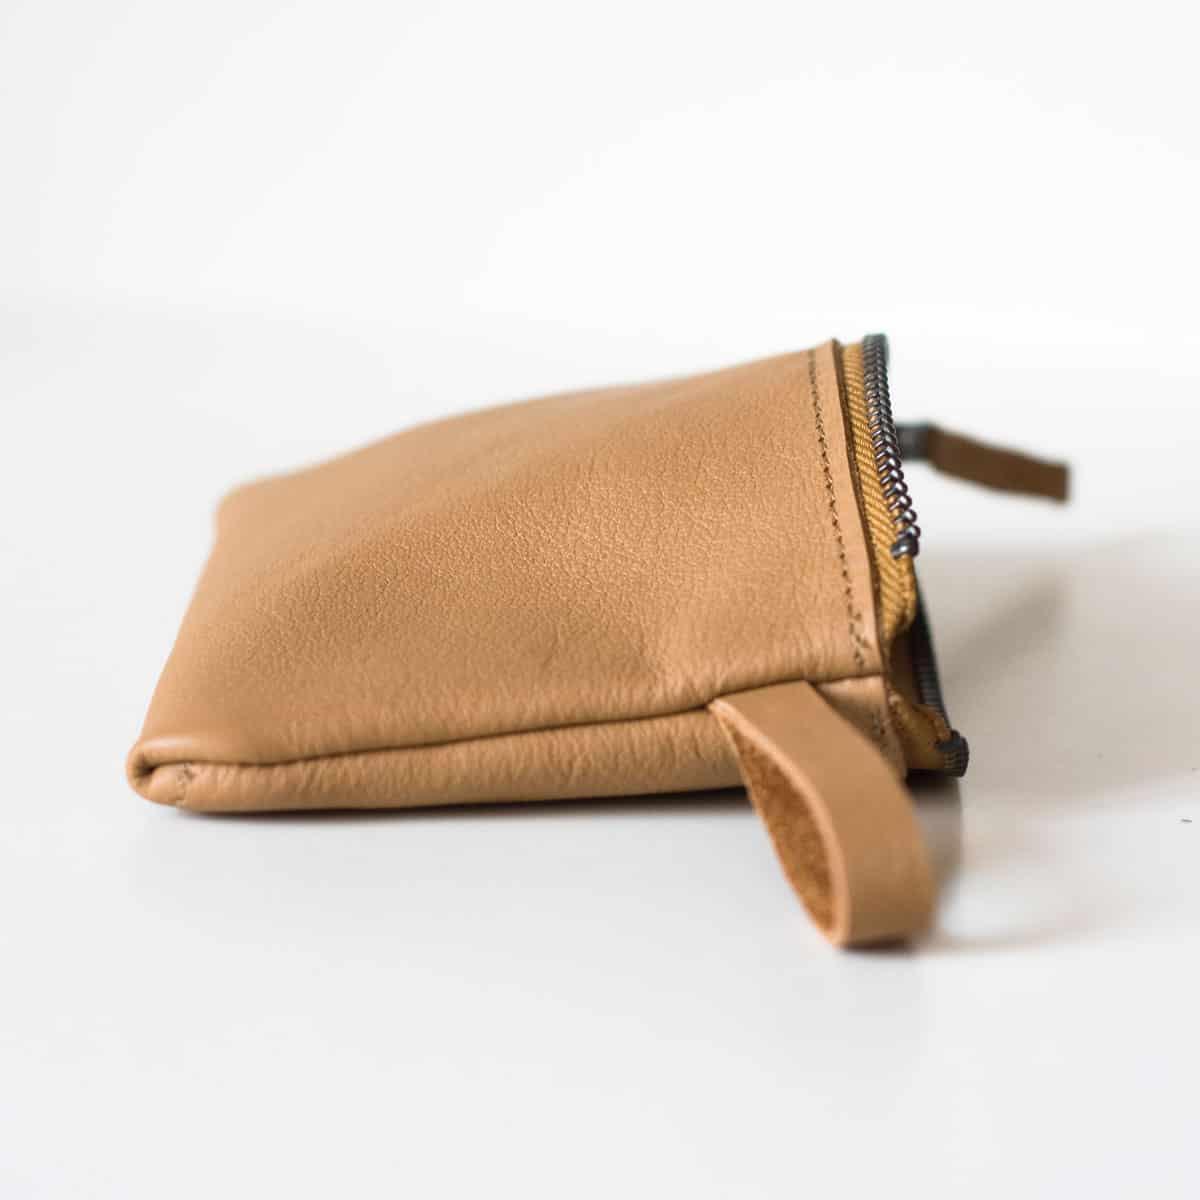 portfel-etui-zamek-camel01b